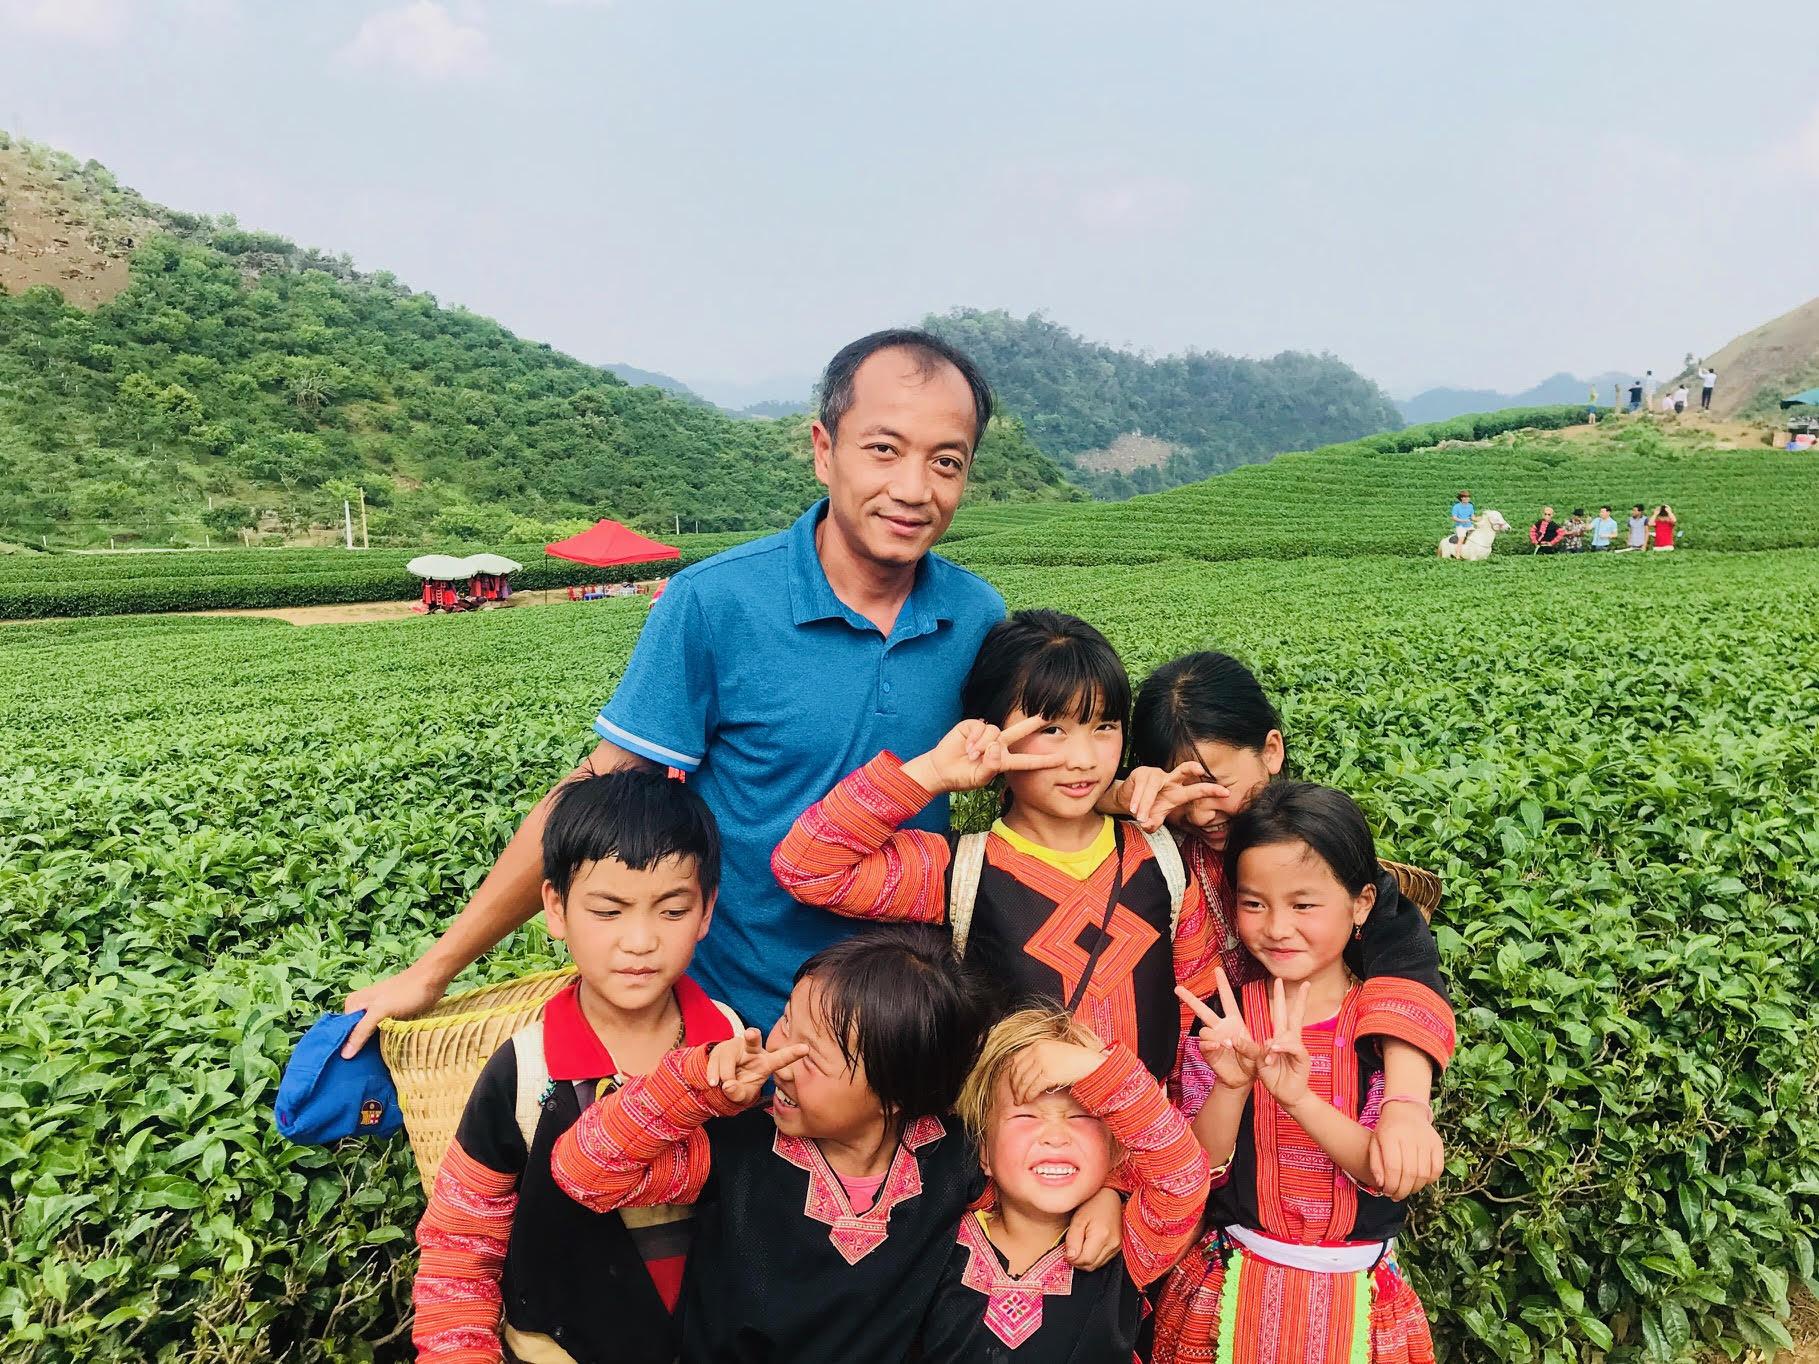 Trần Vũ Duy Khánh